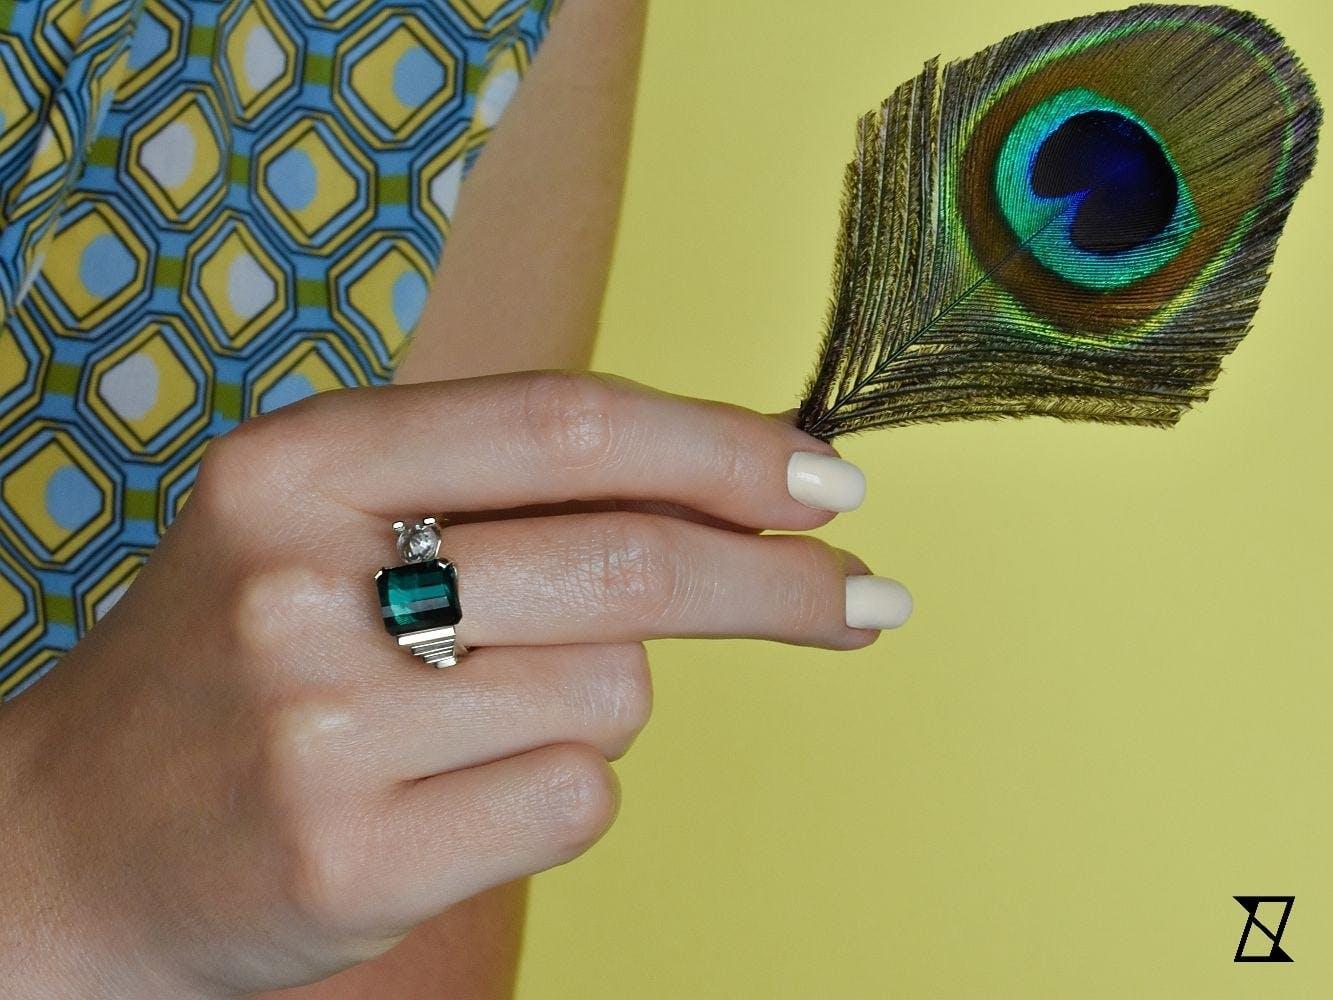 Pierścionek z turmalinem indygo na dłoni.